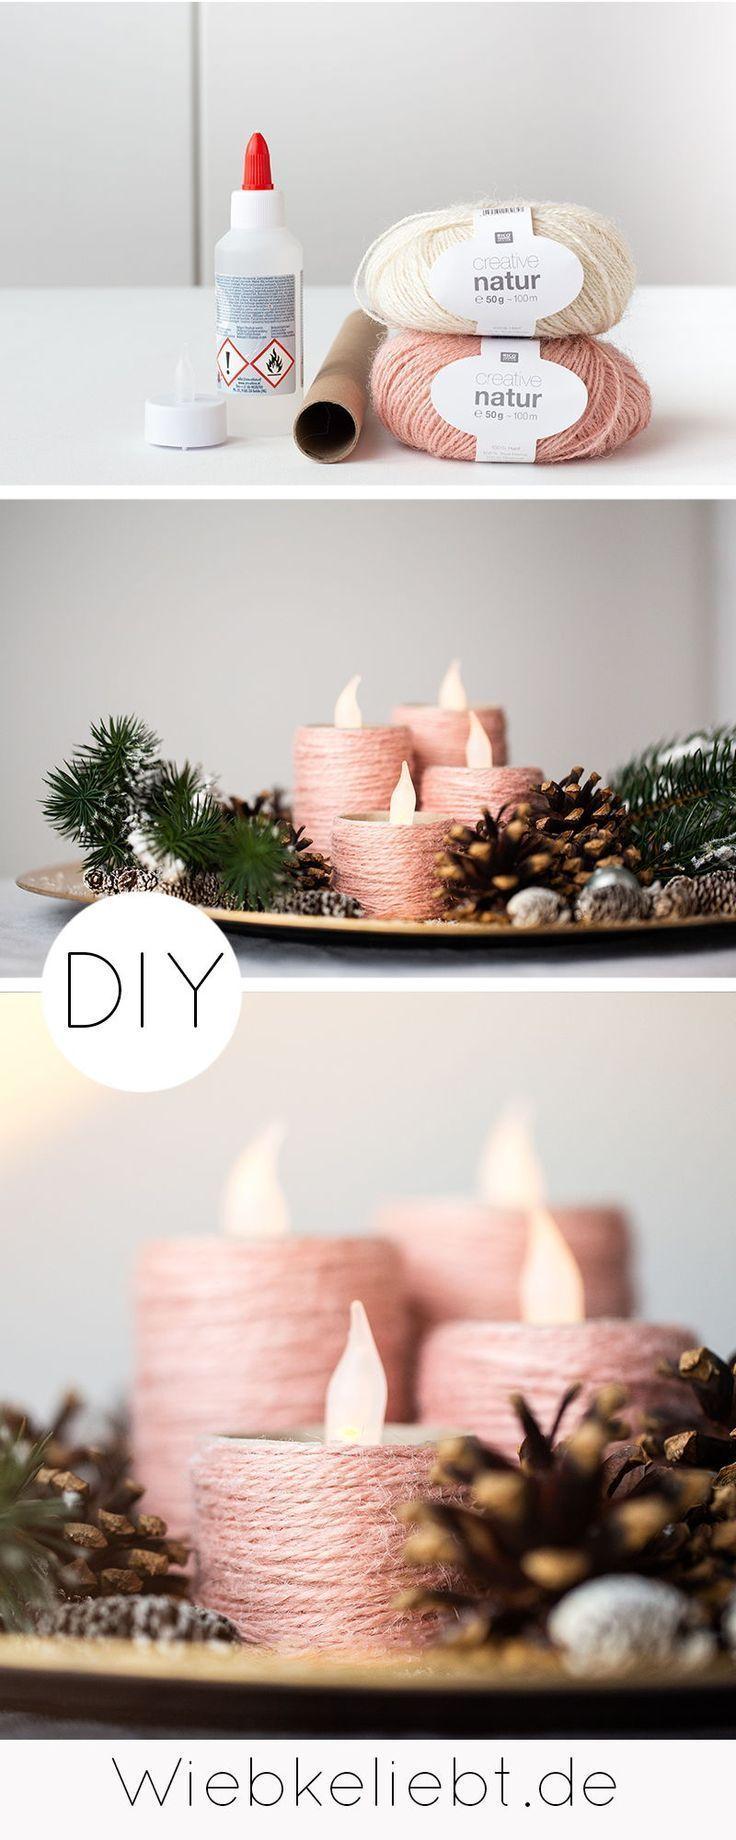 Photo of DIY Weihnachten – Adventskerzen aus Pappe und Hanfgarn